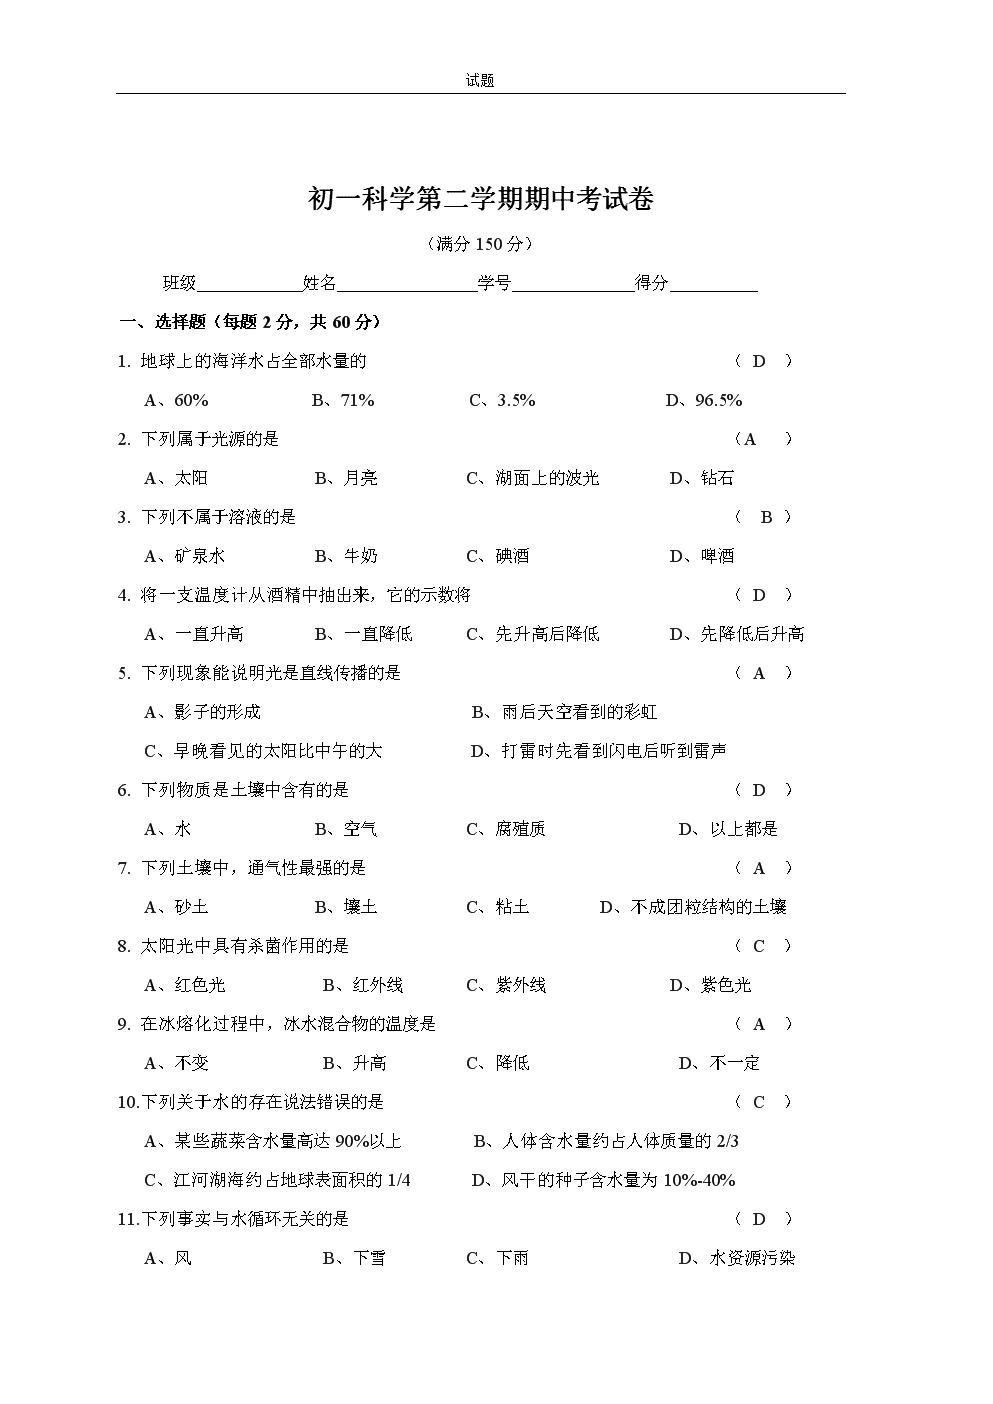 初一科学第二学期期中考试卷.doc